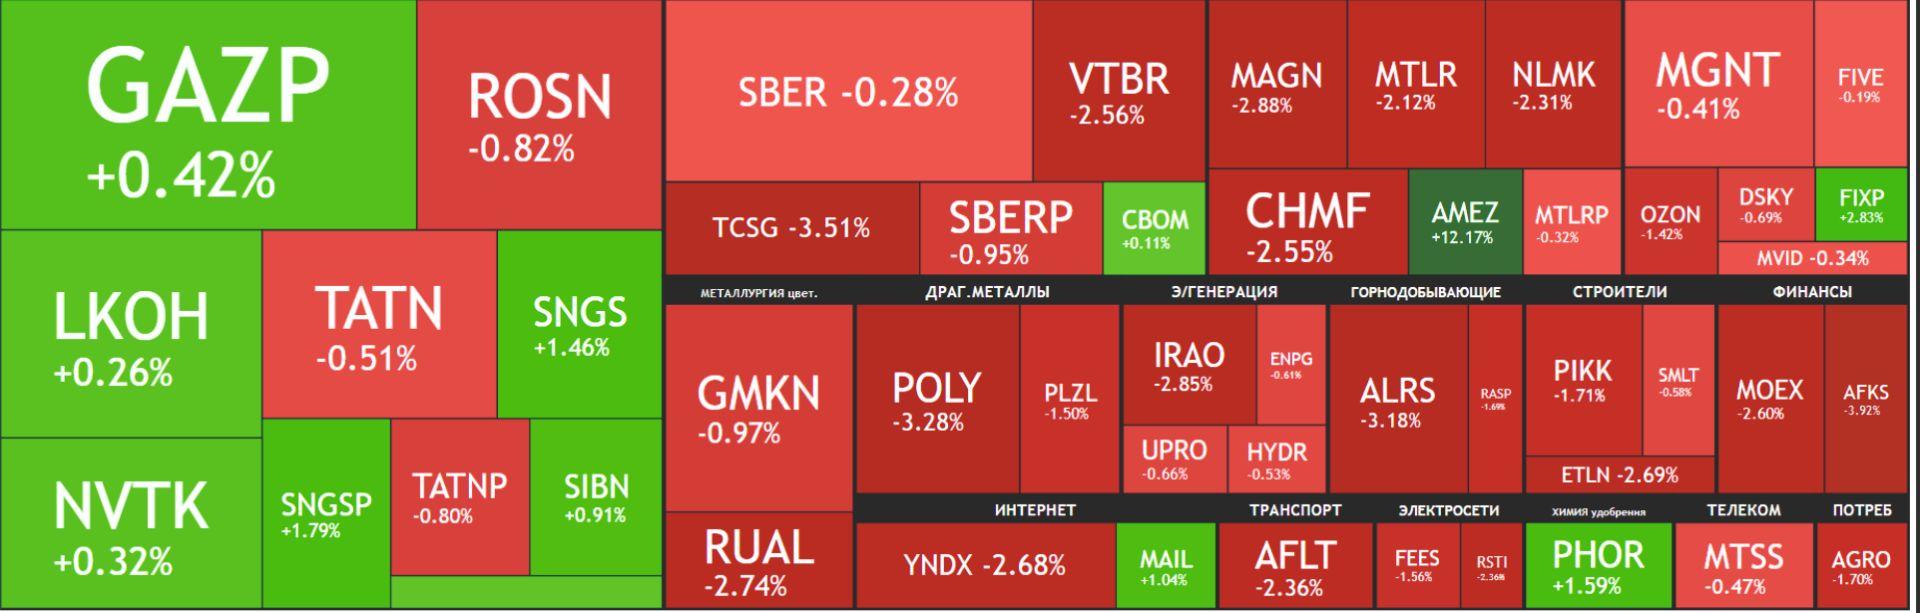 Карта рынка акций Московской биржи Российские акции 28 сентября 2021, года, вторник